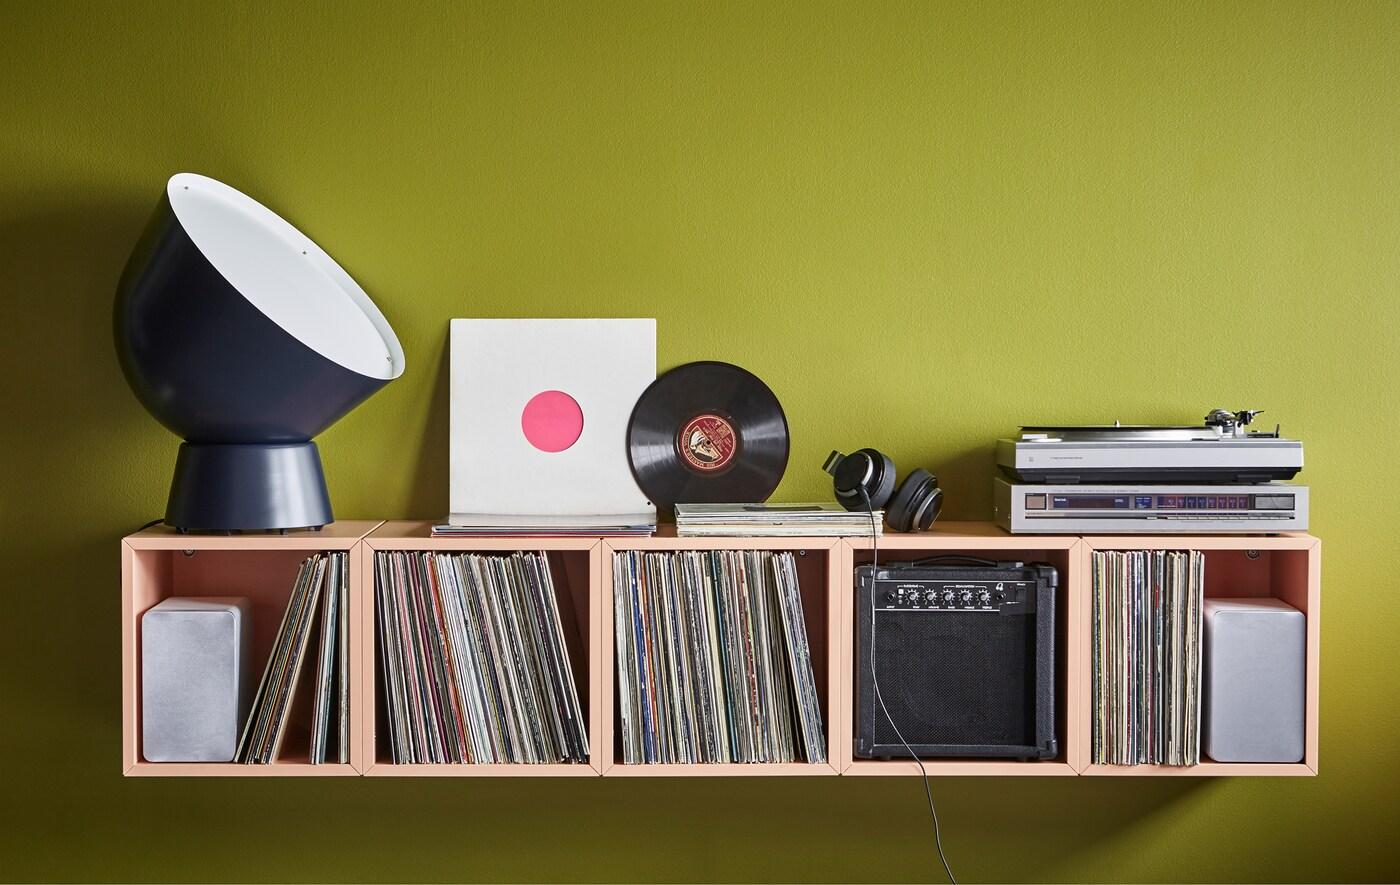 Нужны новые идеи для украшения дома? Устройте диджейский пульт с помощью современной мебели ИКЕА. Создайте асимметричное или неожиданное решение для хранения с помощью пары шкафов ЭКЕТ светло-оранжевого цвета и наполните их своими вещами.